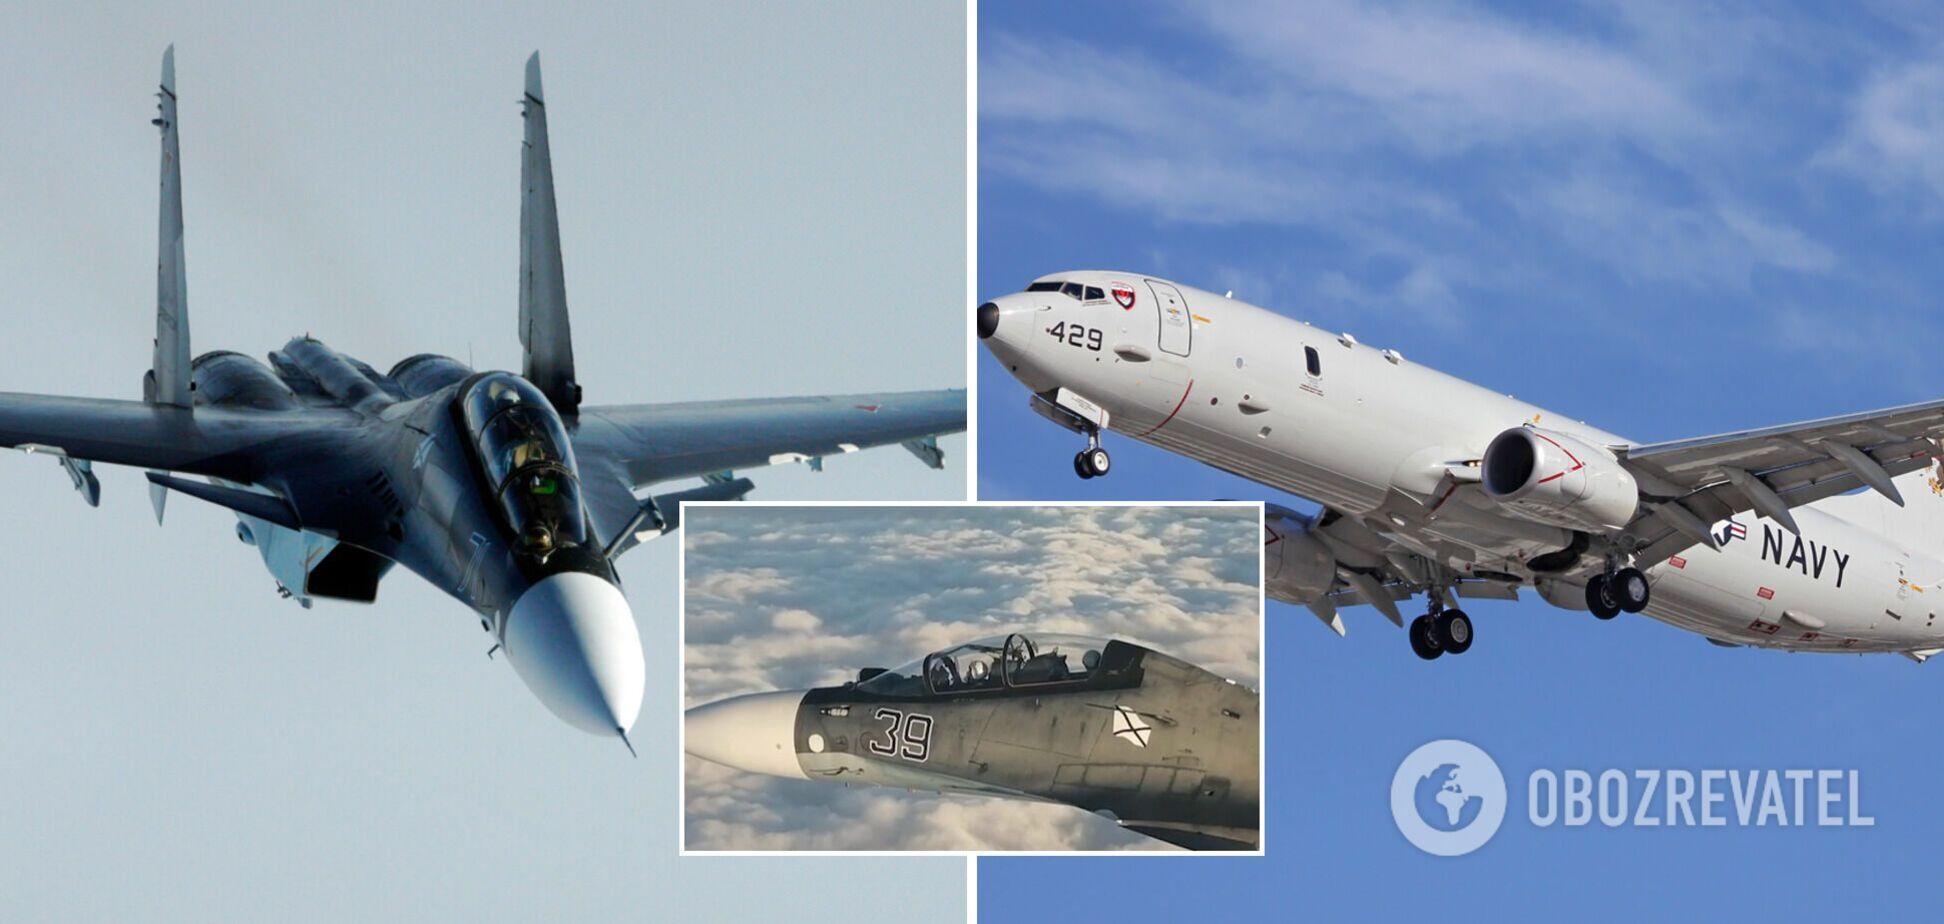 Россия направила боевые самолеты в Черное море против американского Boeing. Видео